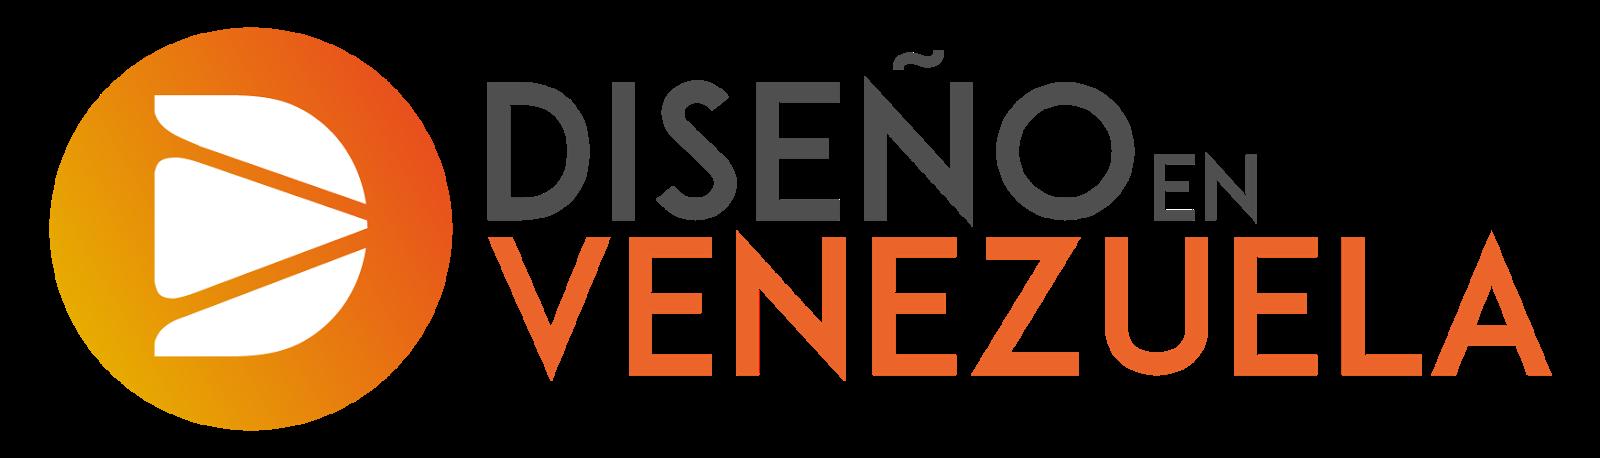 Diseño en Venezuela